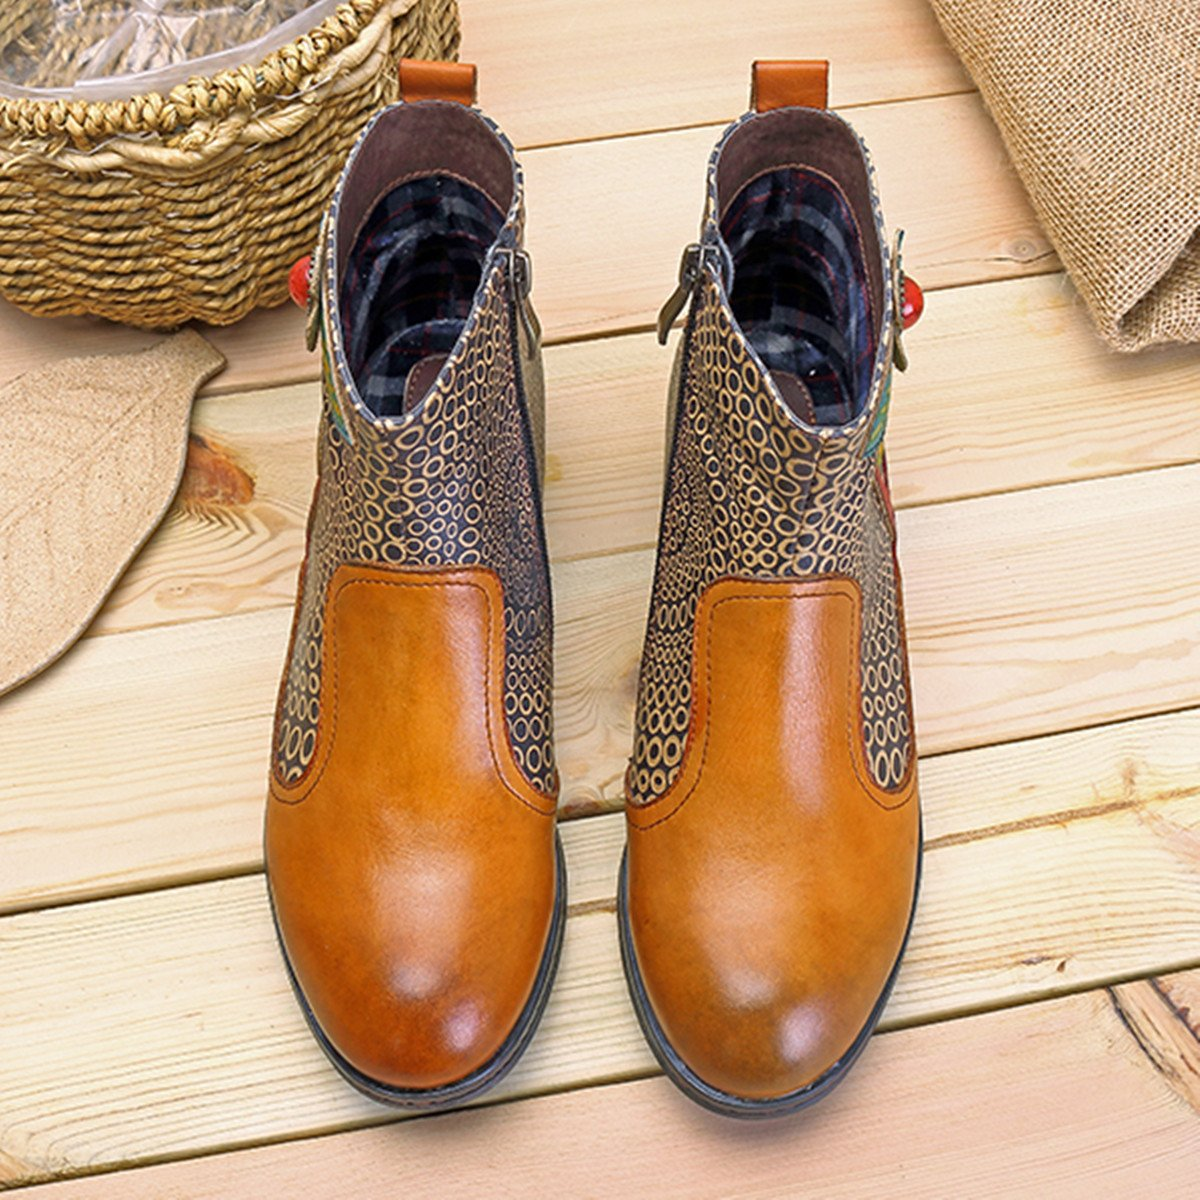 best website 3ade8 a7a7e ... Socofy Socofy Socofy Leather Ankle Bootie, Women s Vintage Handmade  Flat Retro Buckle Pattern B077S3396Z Chelsea